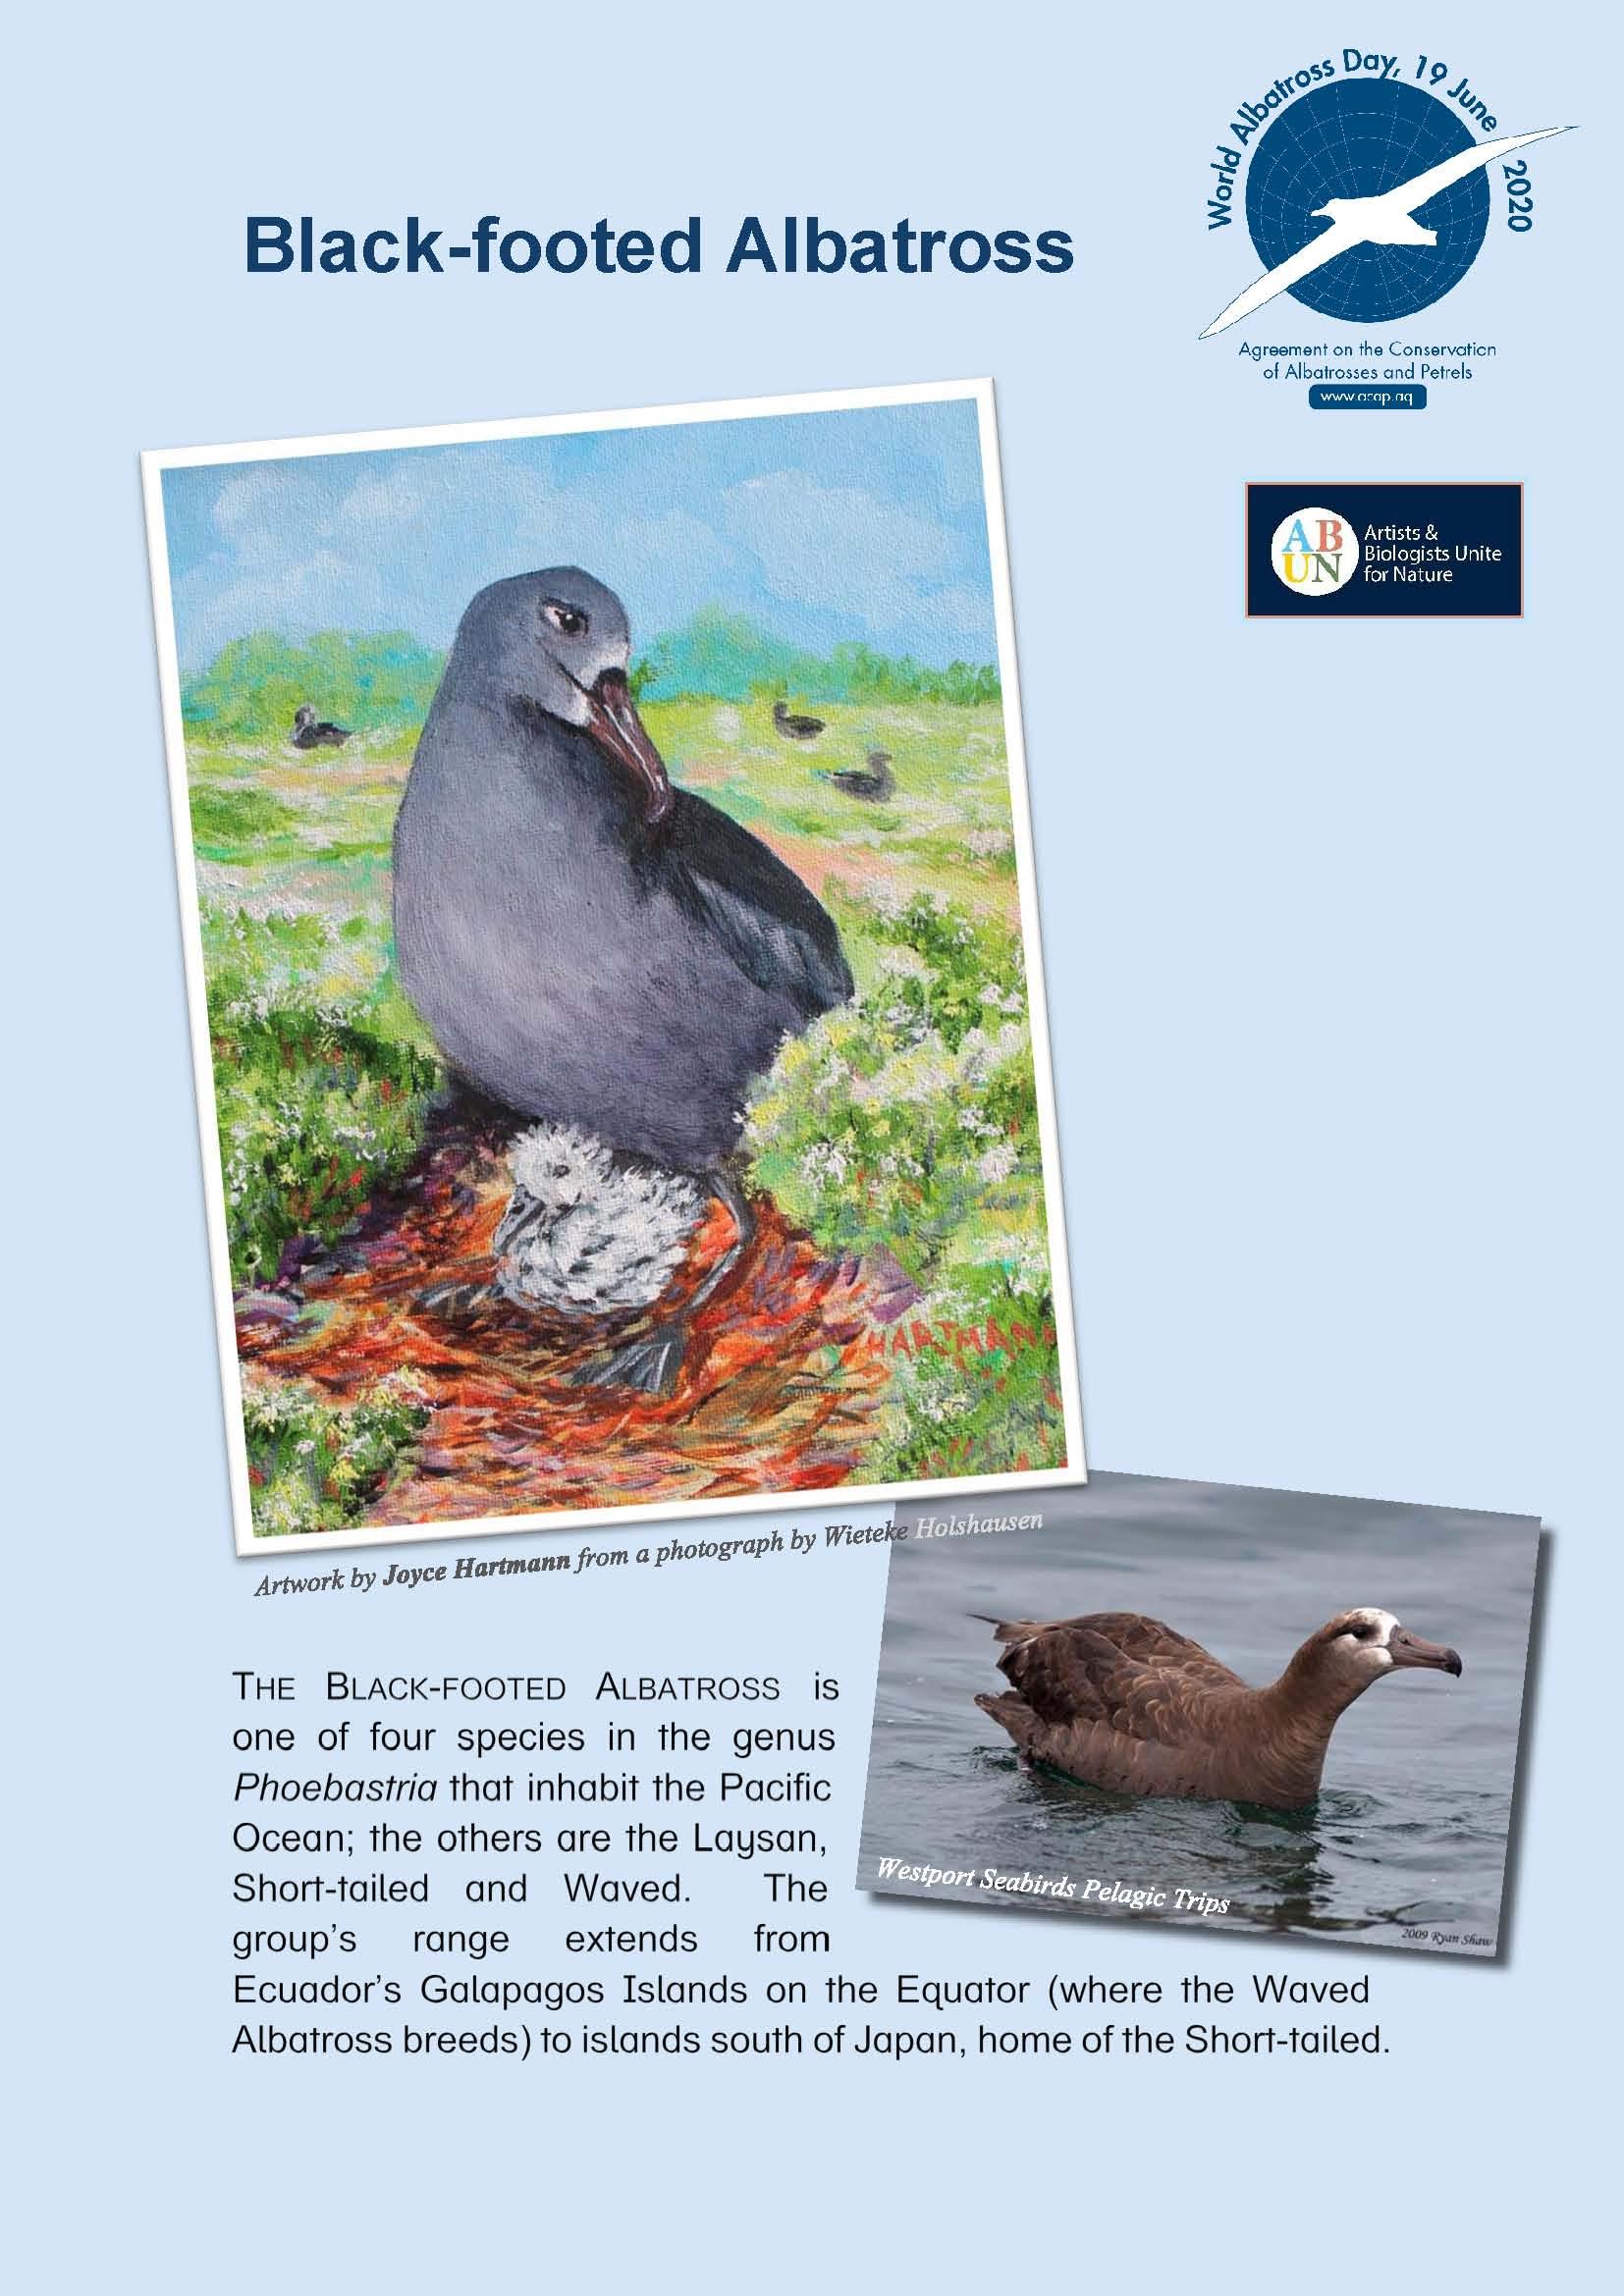 Albatros de Patas Negras